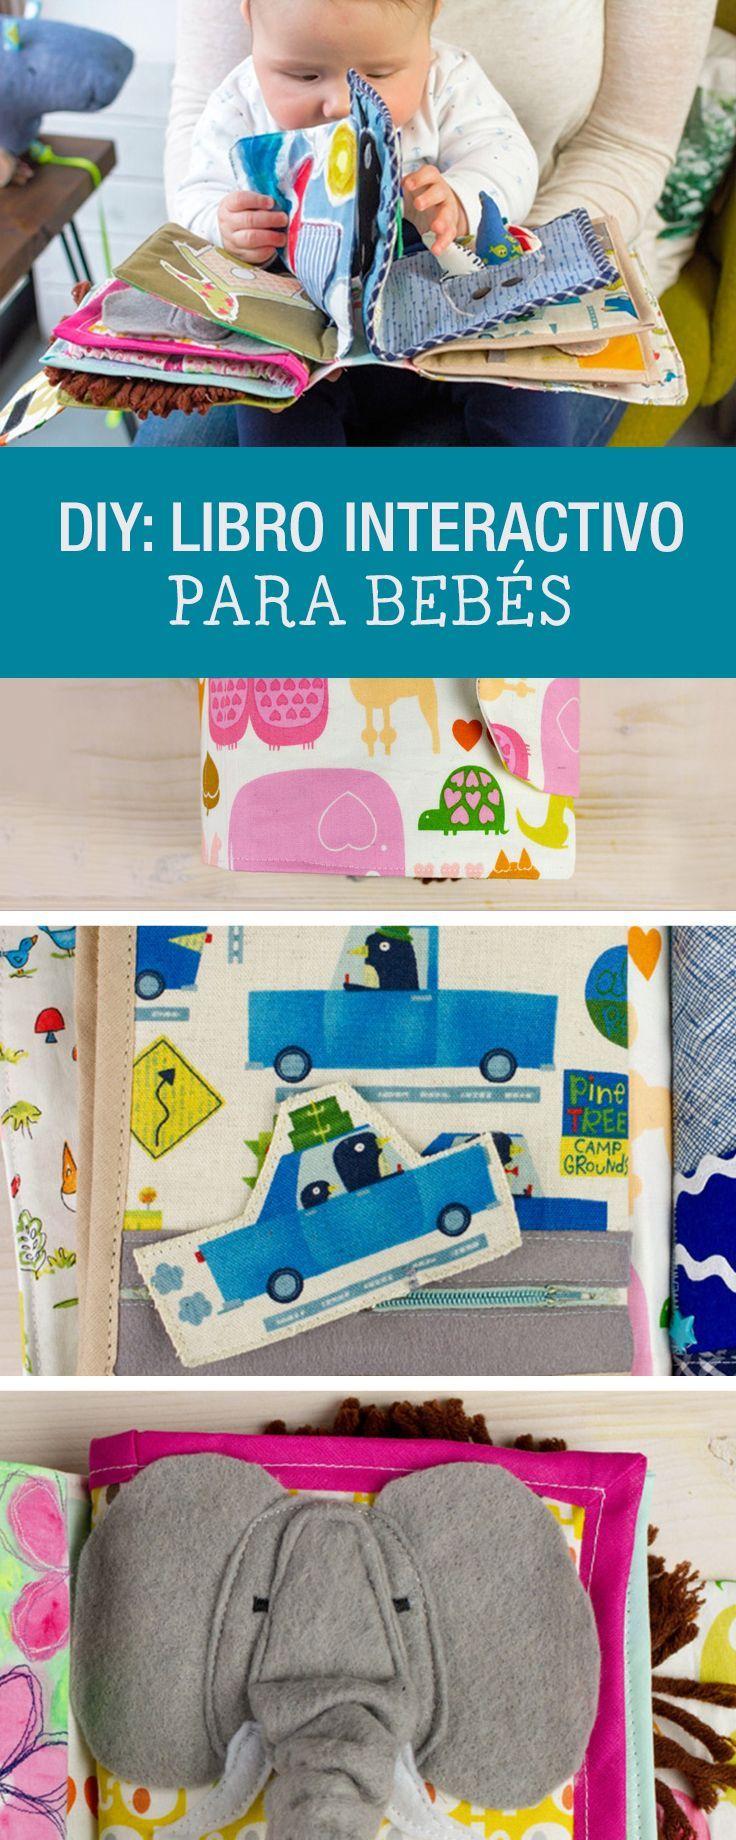 tutoriales diy c mo hacer un libro interactivo para beb s v a dawanda beb s y. Black Bedroom Furniture Sets. Home Design Ideas